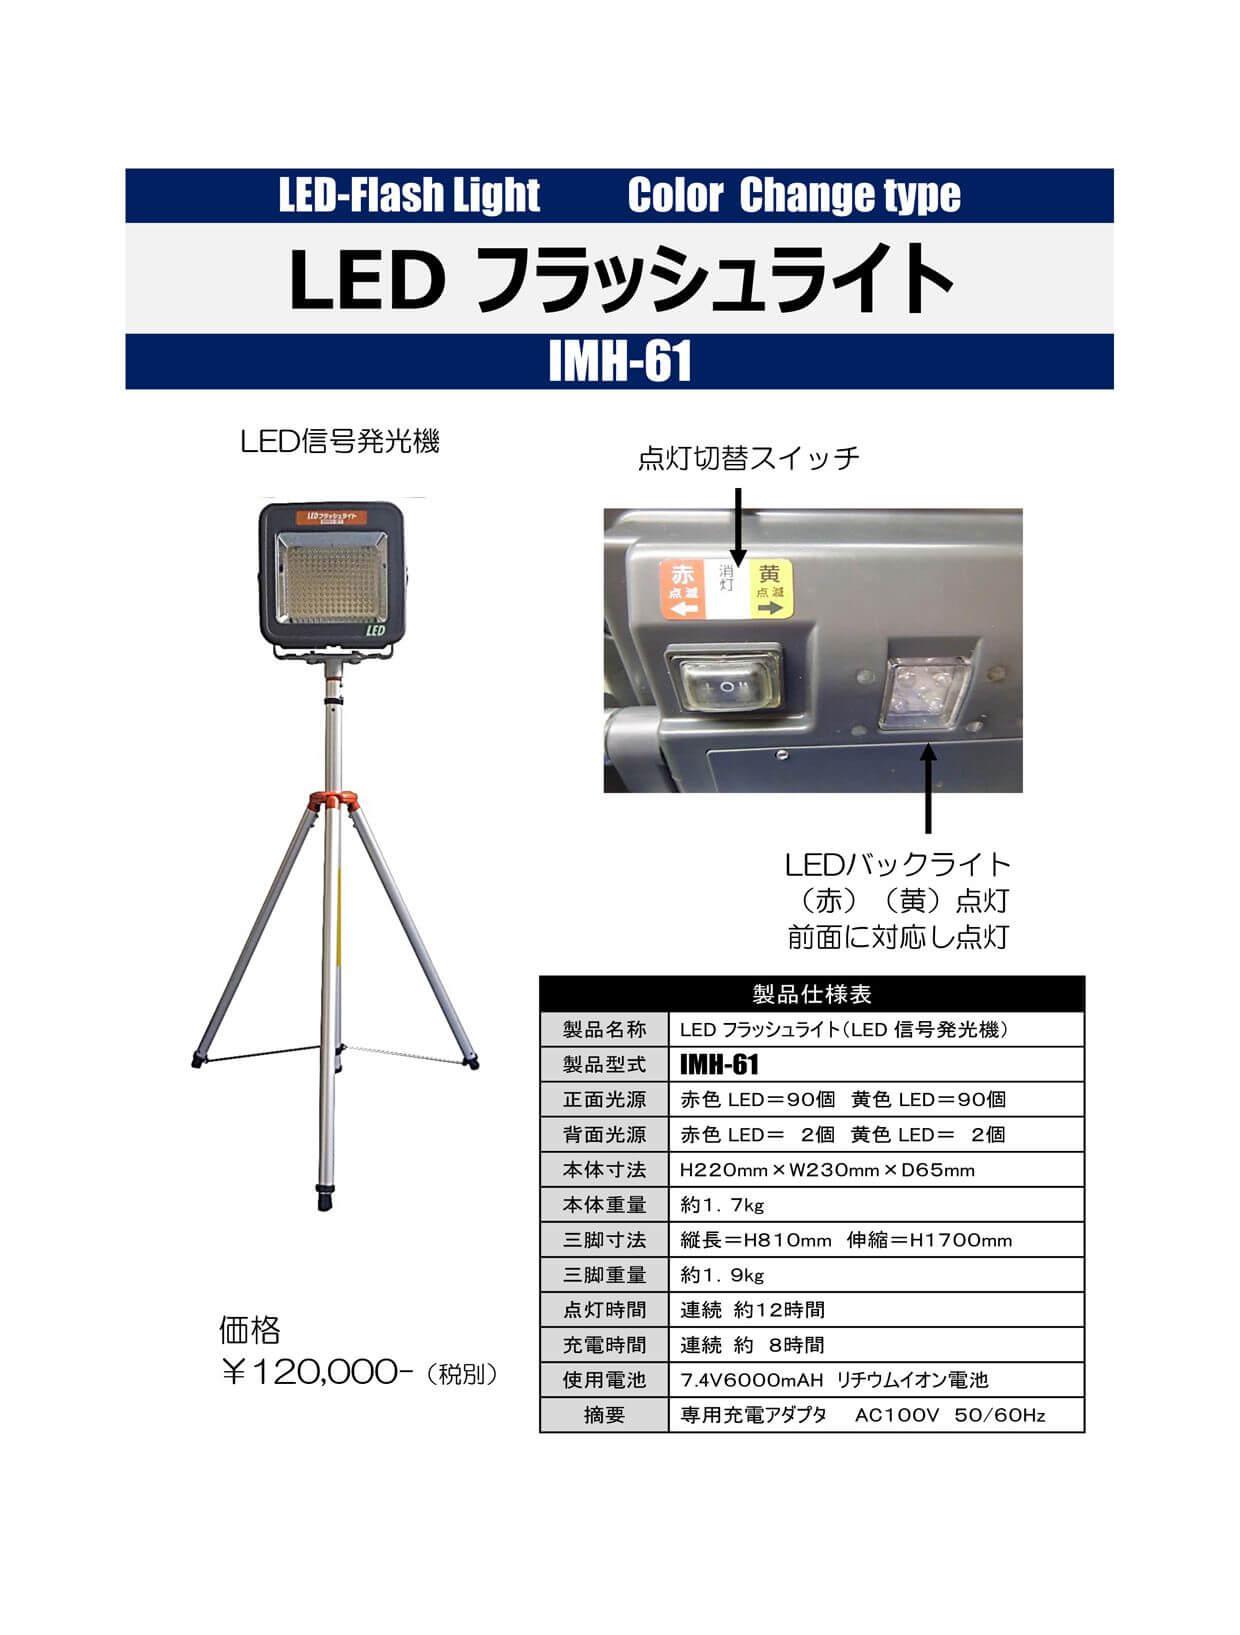 LED フラッシュライト